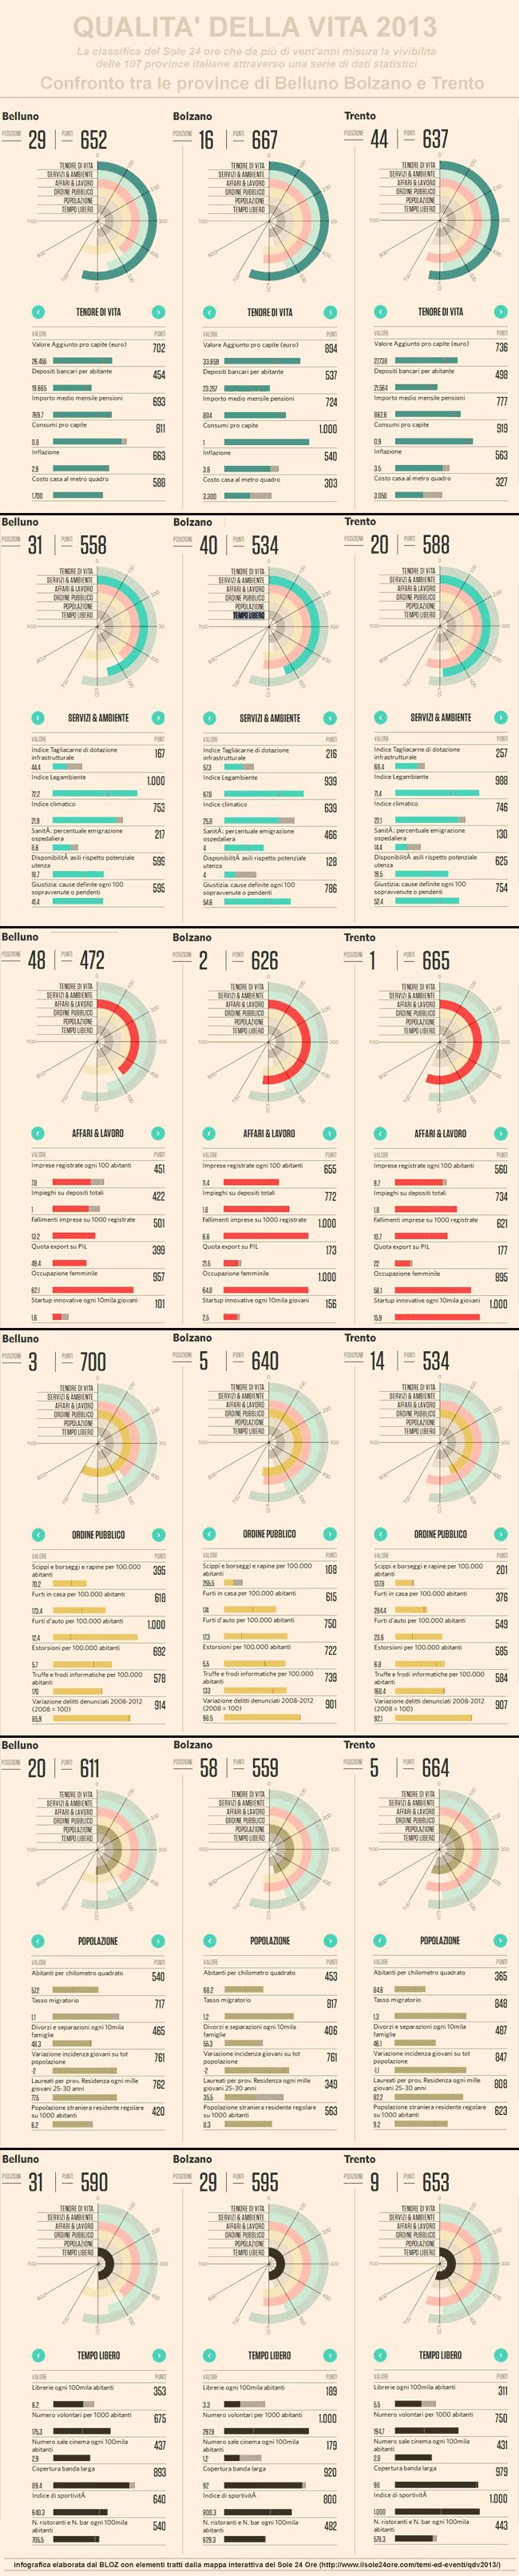 qualità della vita nelle province italiane: confronto tra Belluno, Bolzano e Trento